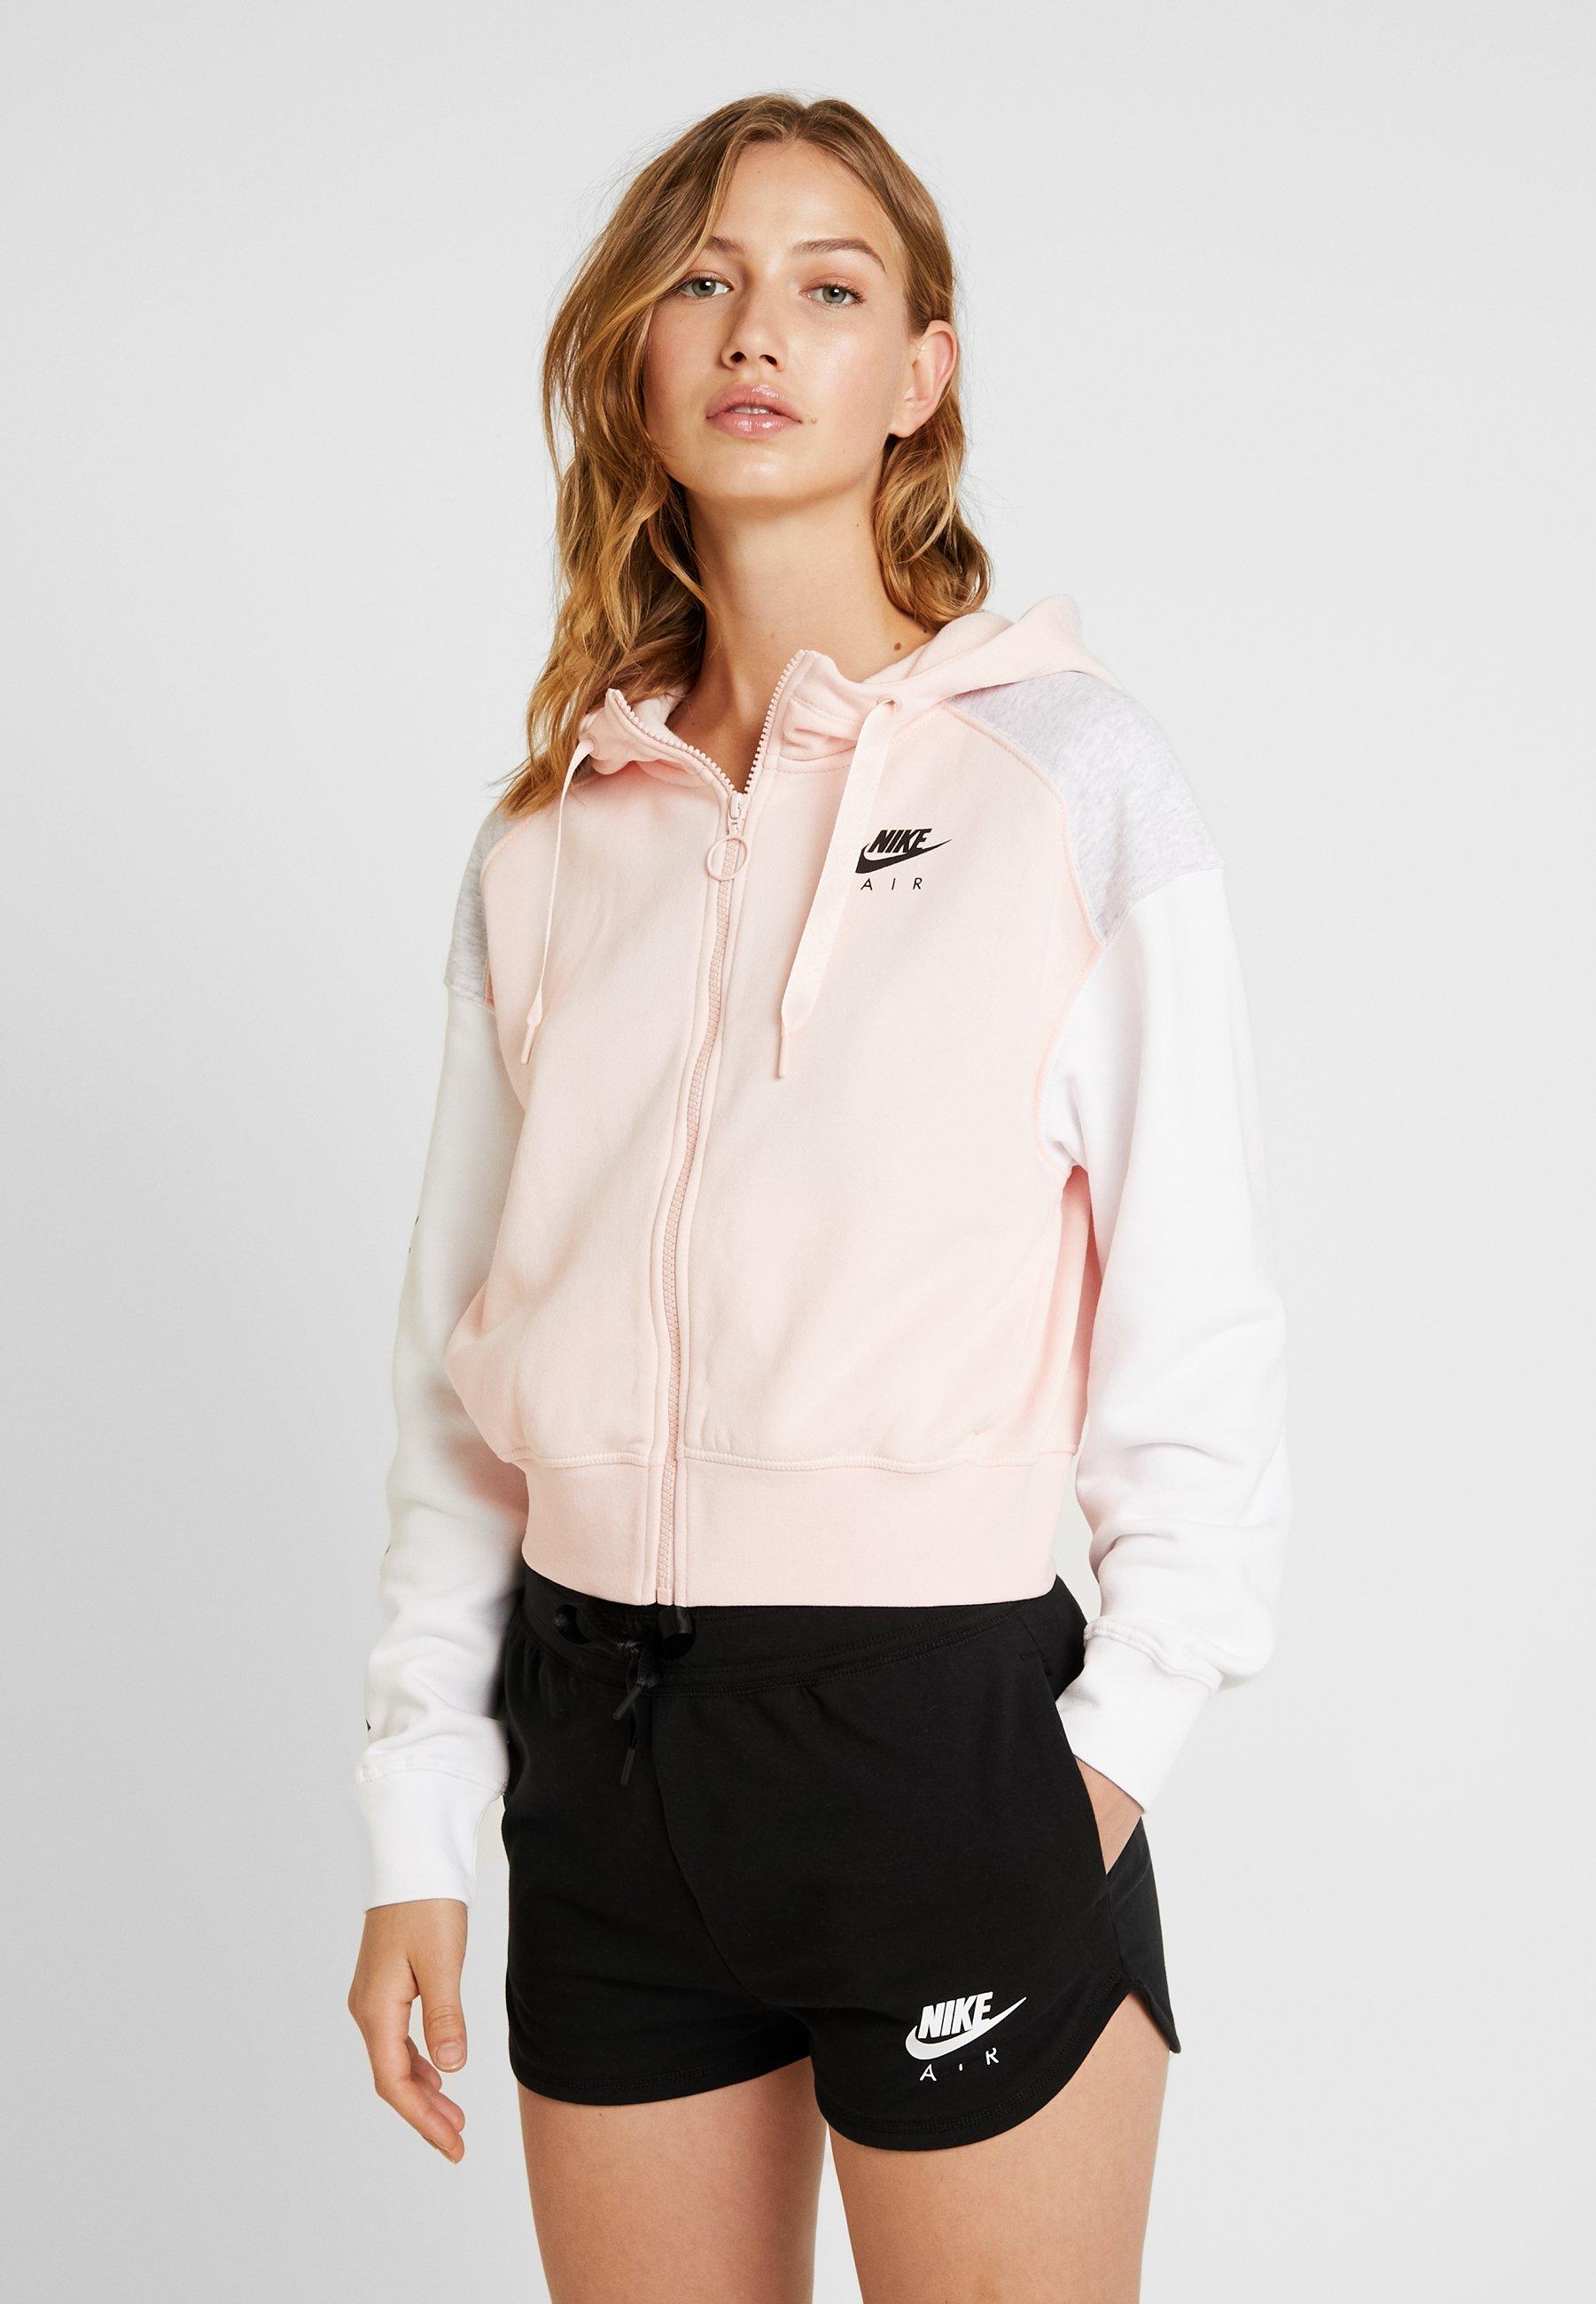 Nike Air Kapuzenjacke Damen birch heather echo pi kaufen